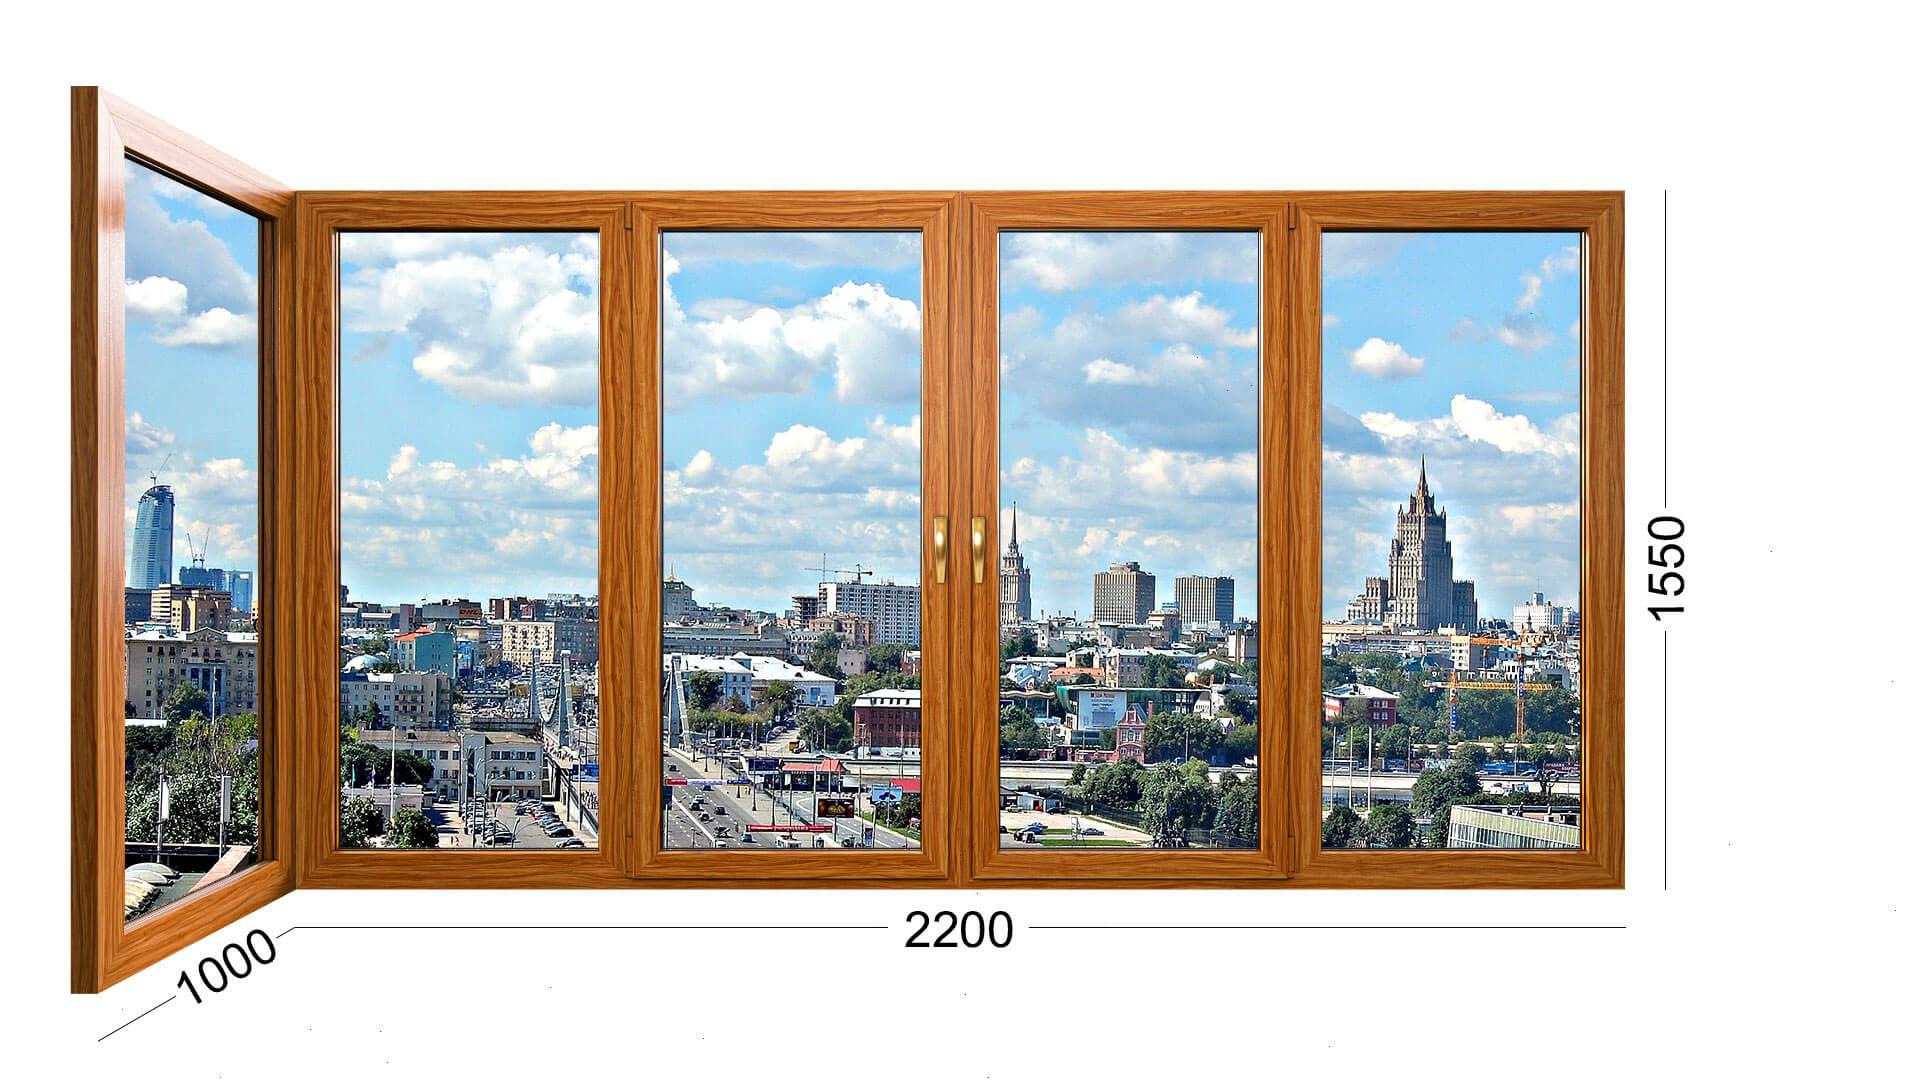 деревянные окна для балкона П3, фото конструкции, цена и цвет окна